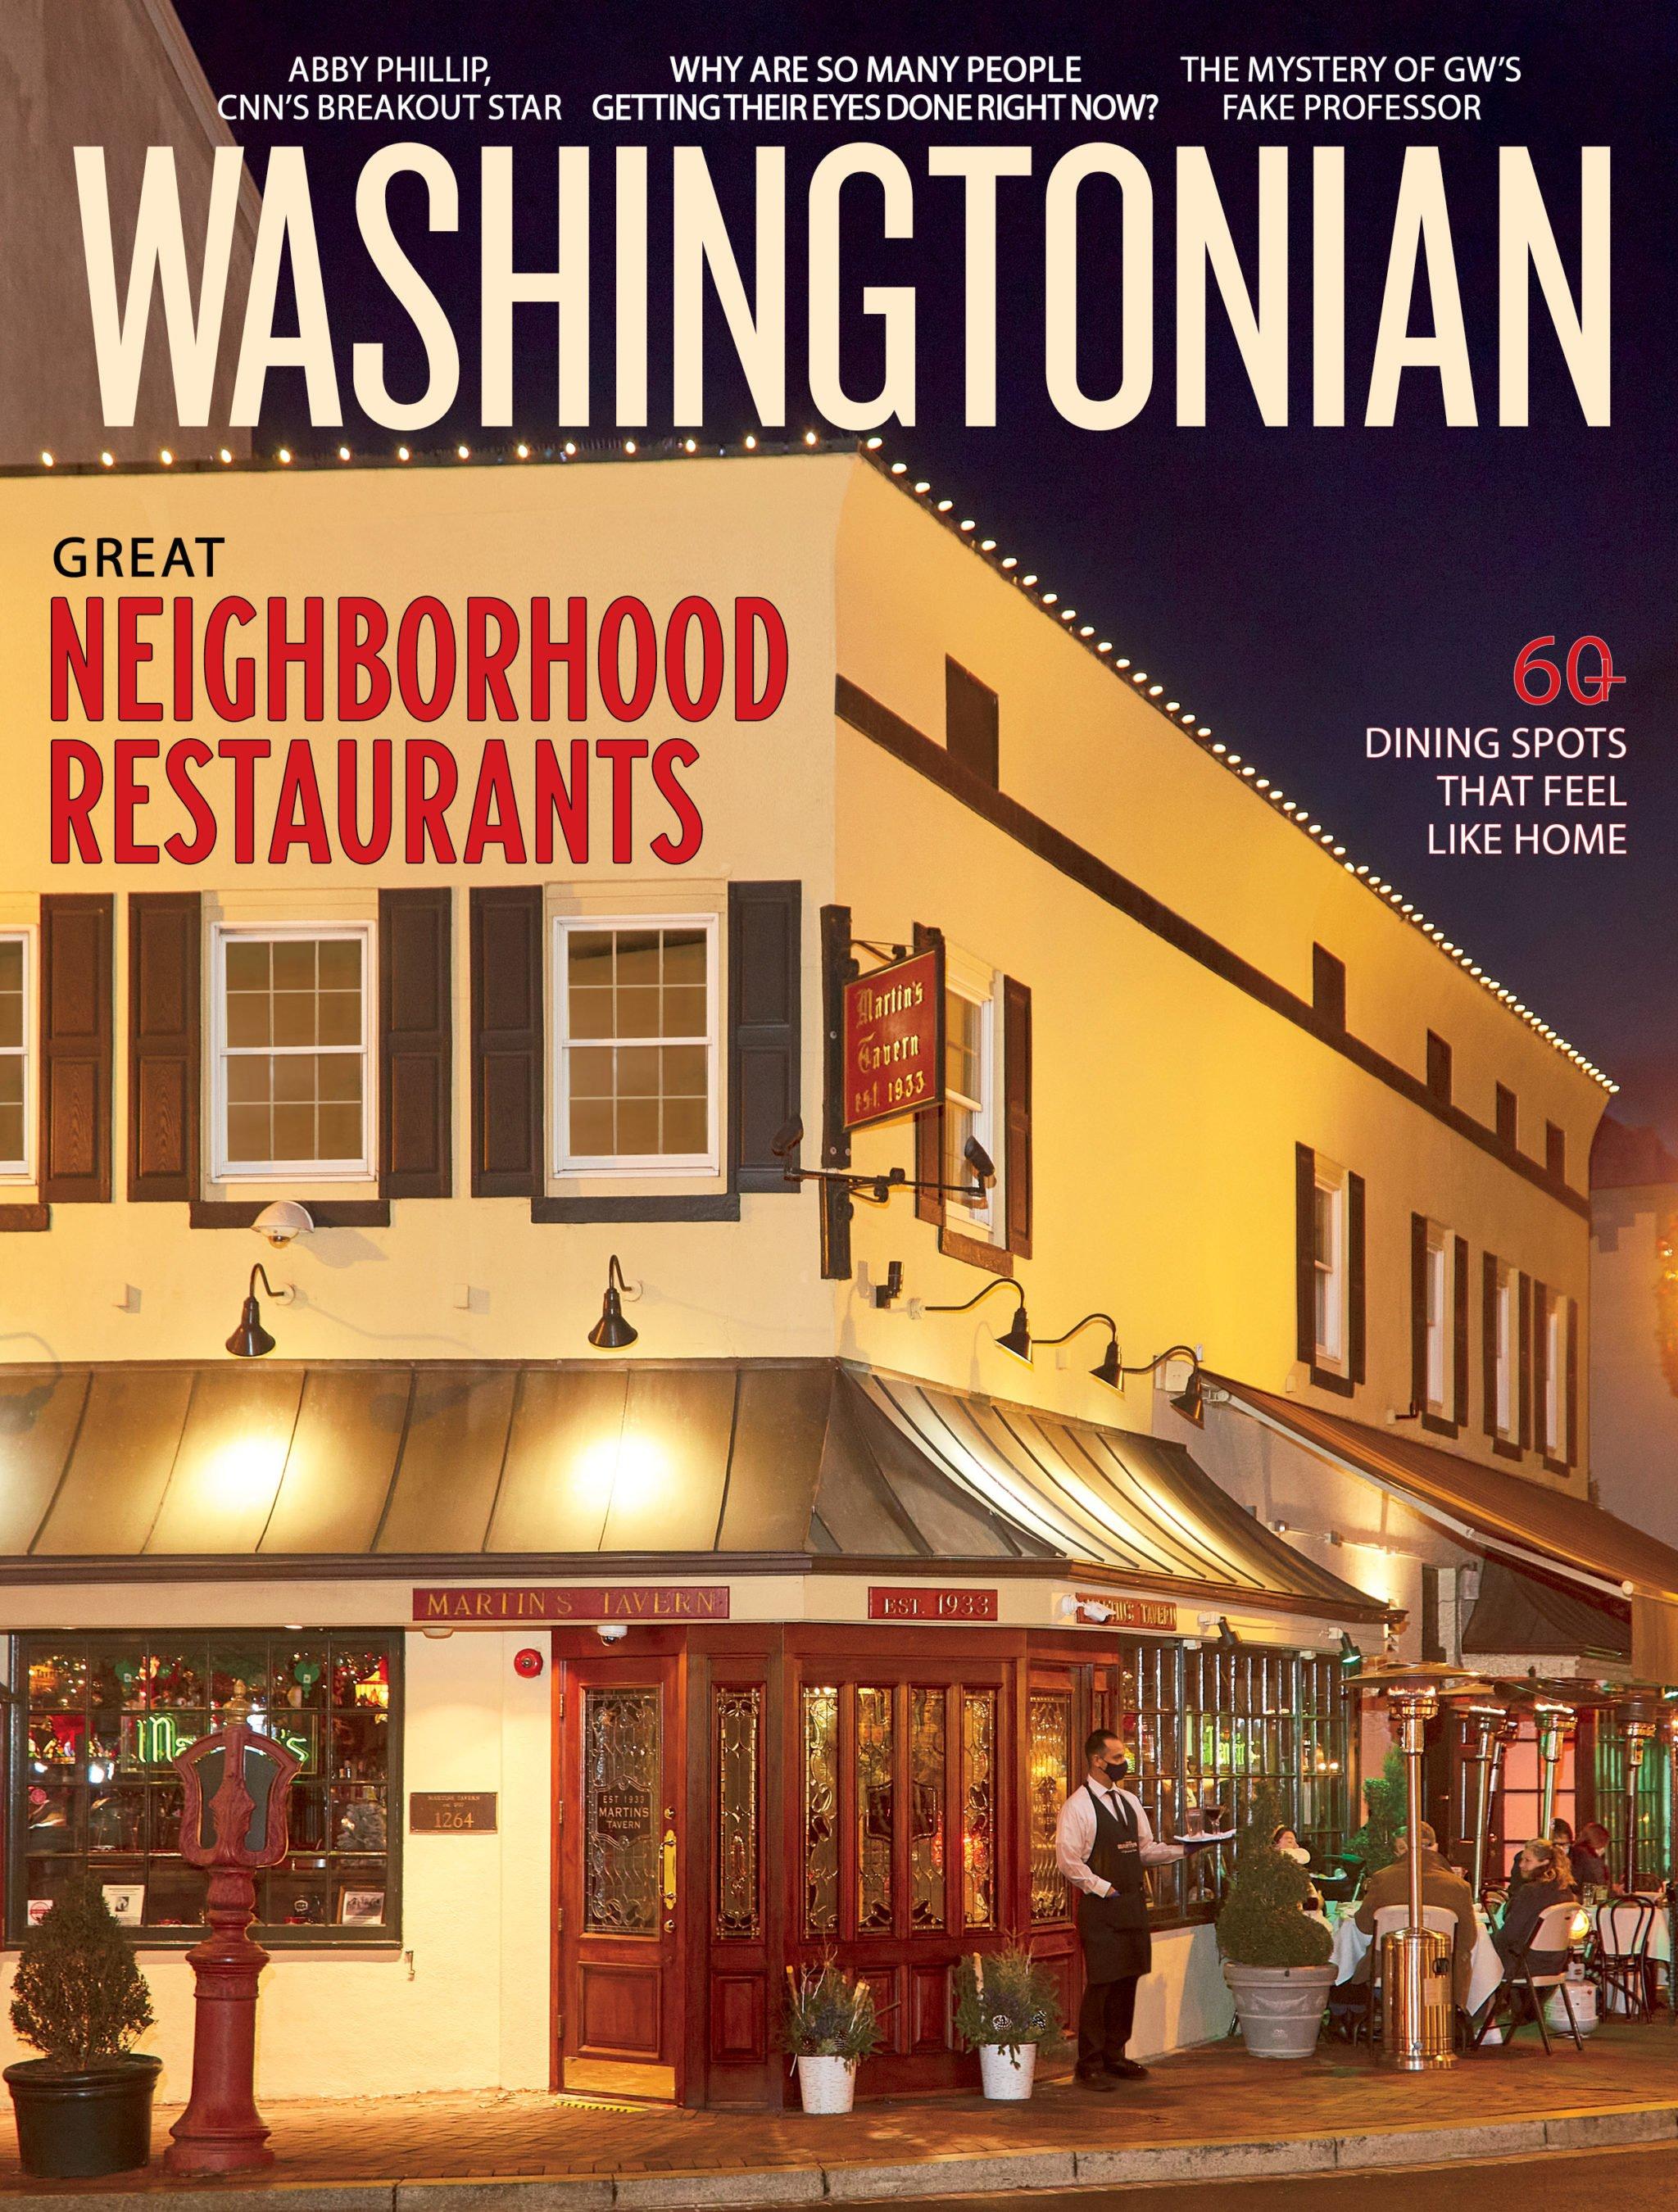 February 2021: Great Neighborhood Restaurants